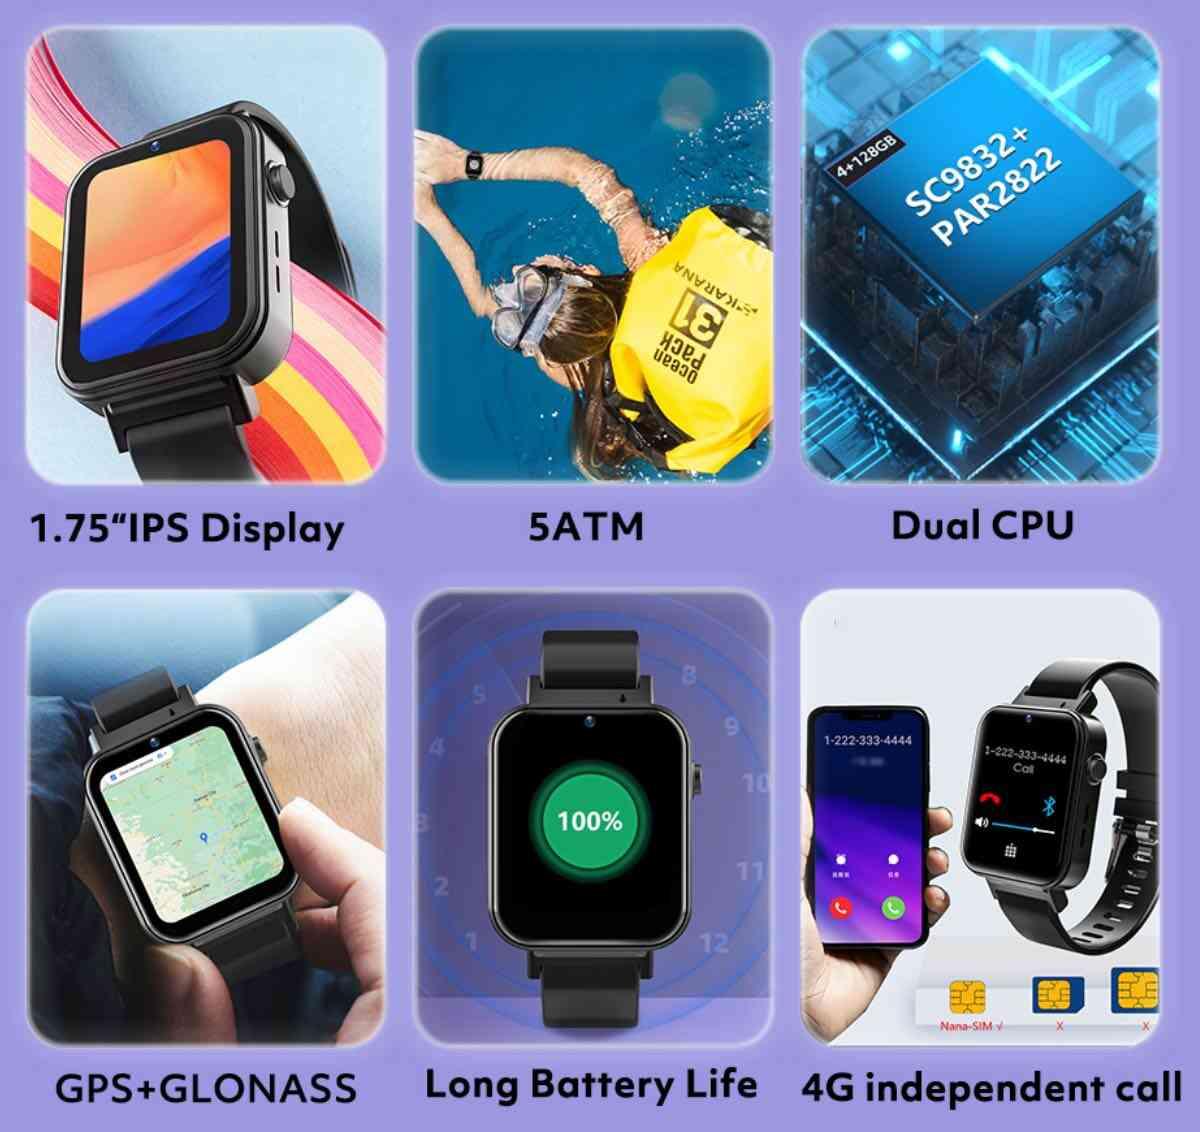 rogbid air smartwatch smartphone android caratteristiche prezzo 2